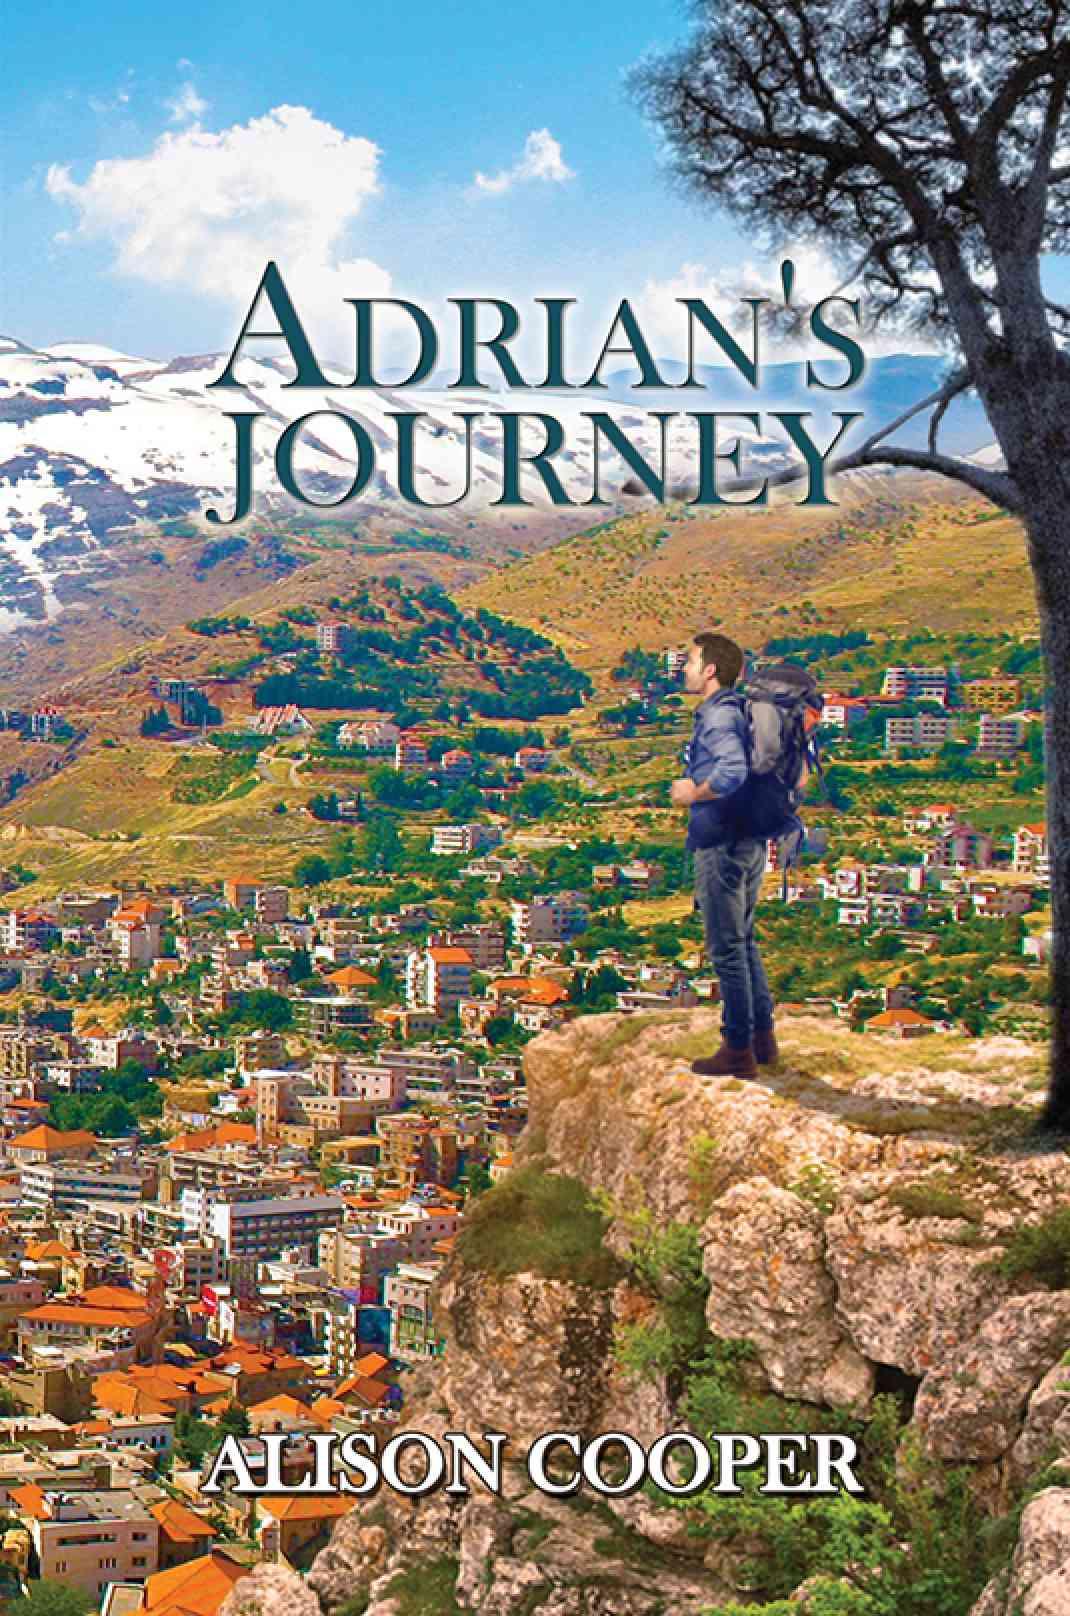 Adrian's Journey